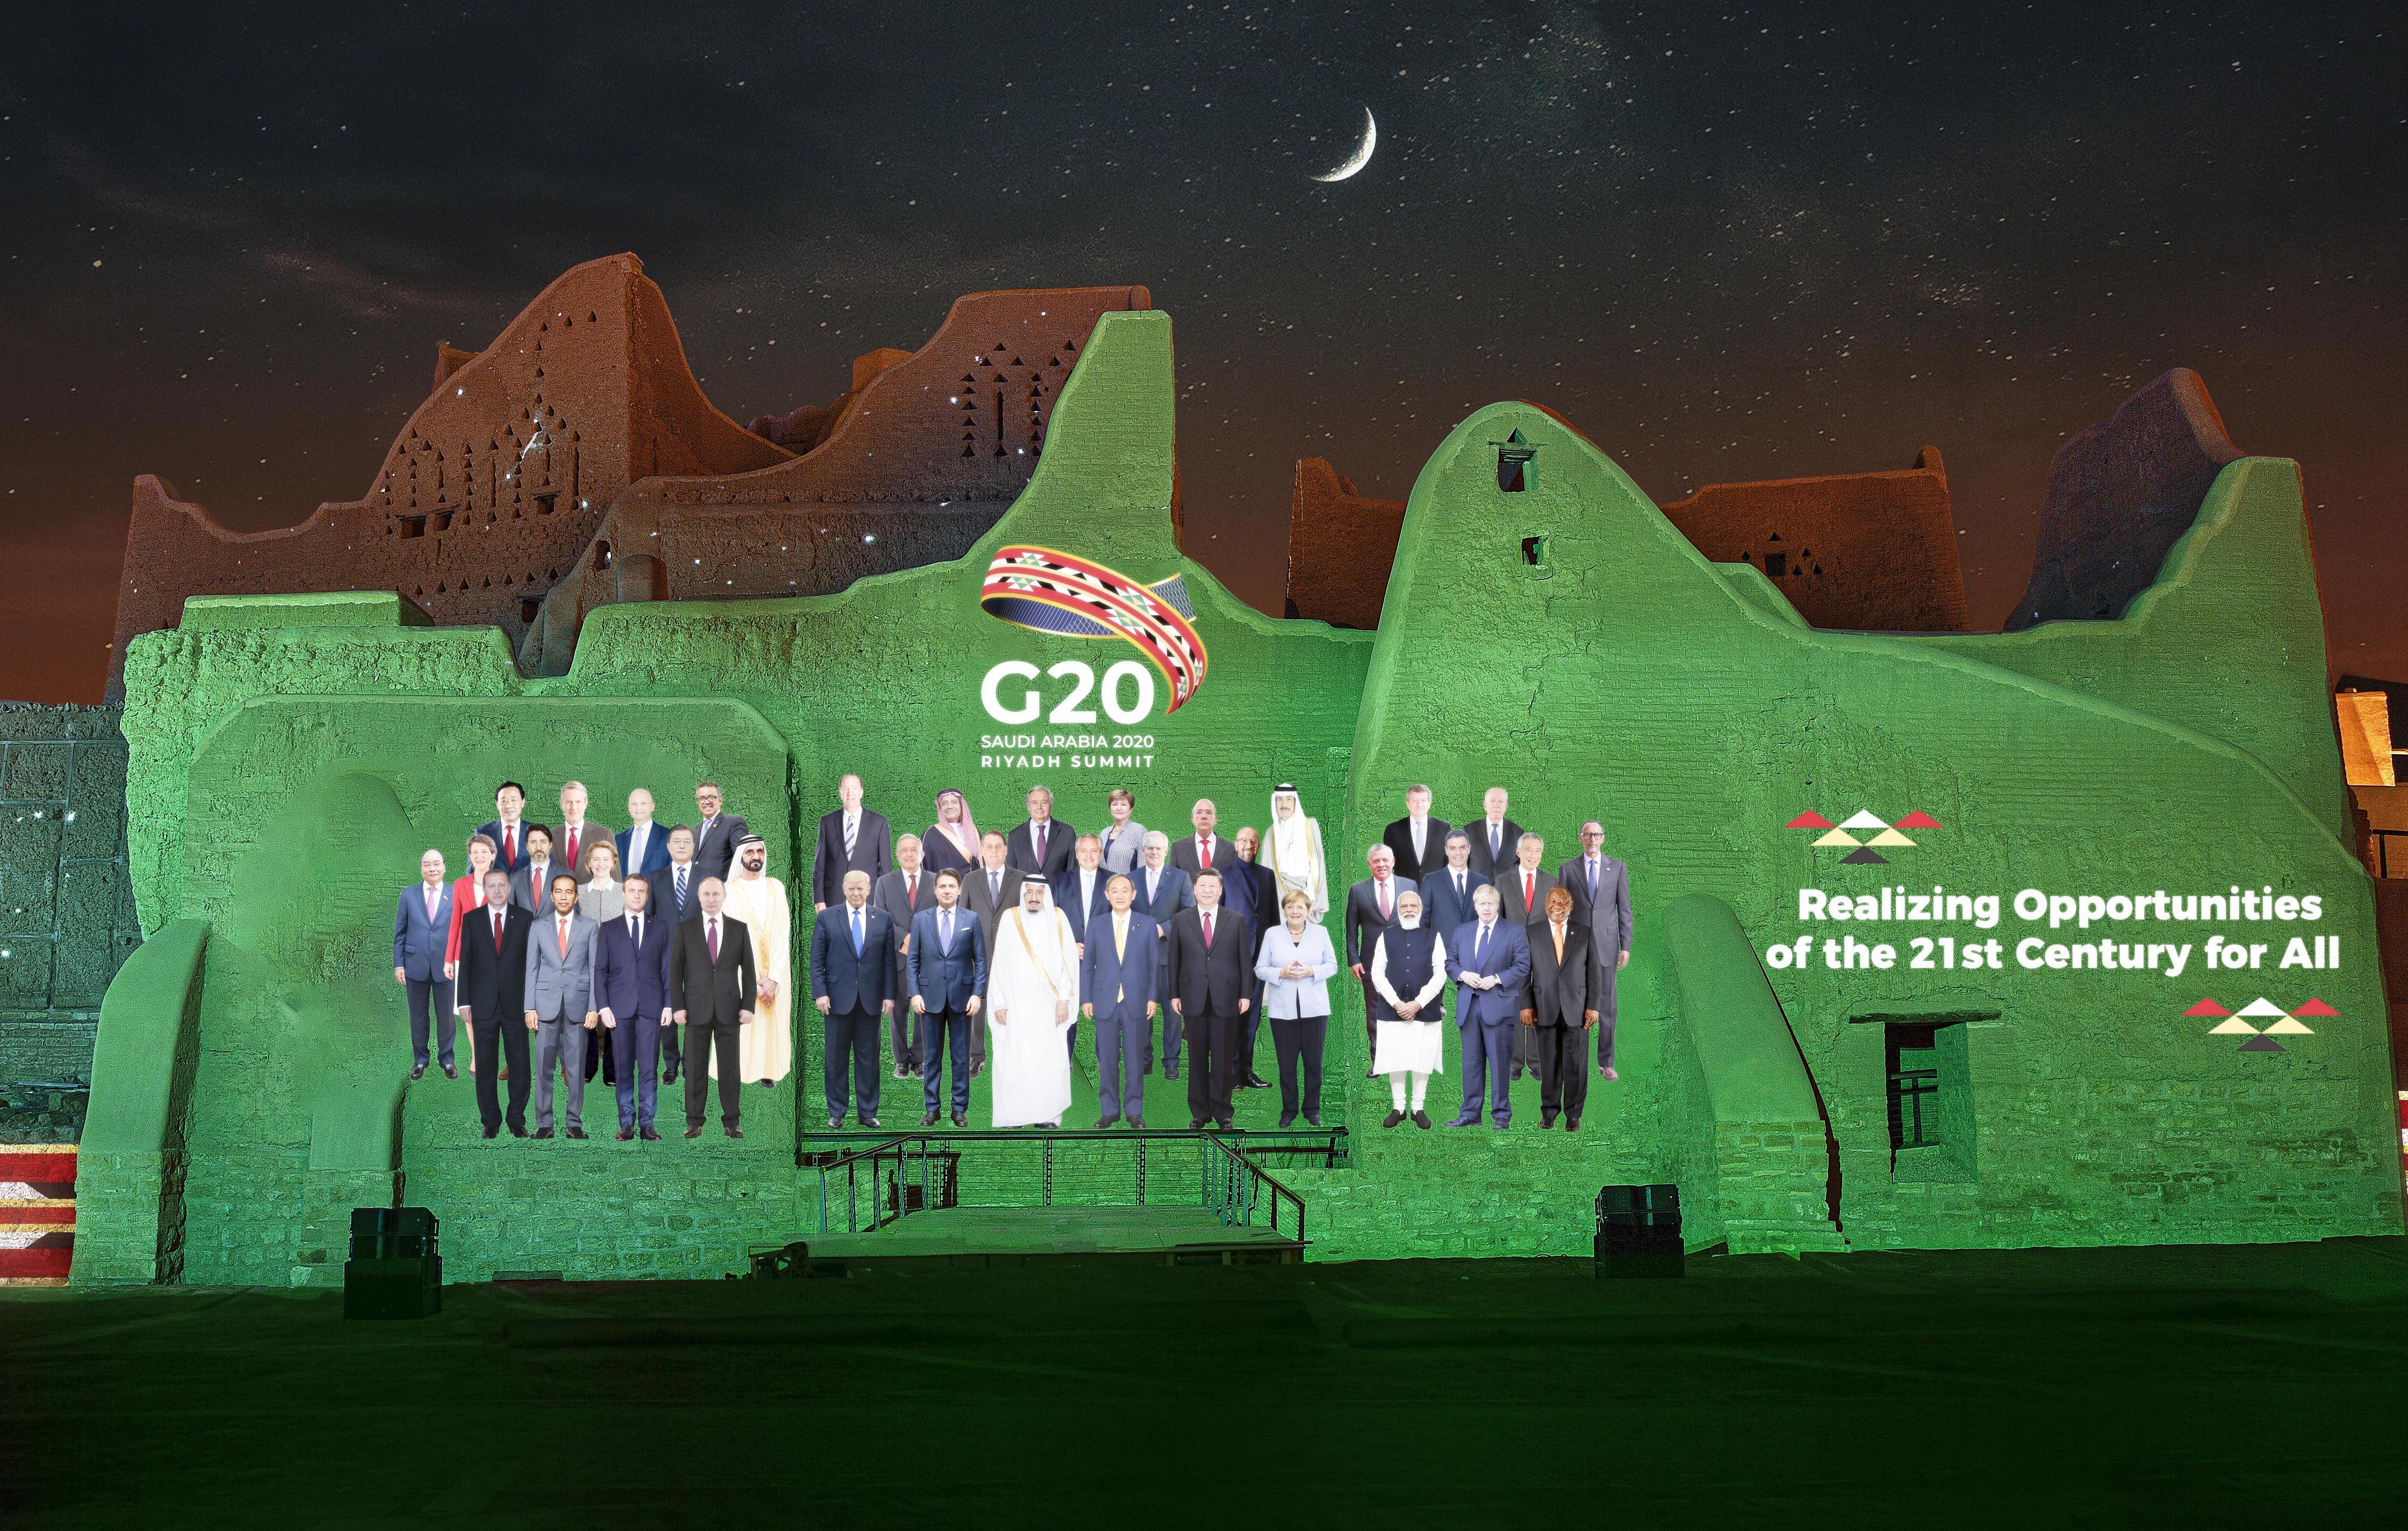 La 'Foto Familiar' del G20 proyectada en el Palacio Salwa en At-Turaif, de Arabia Saudita.